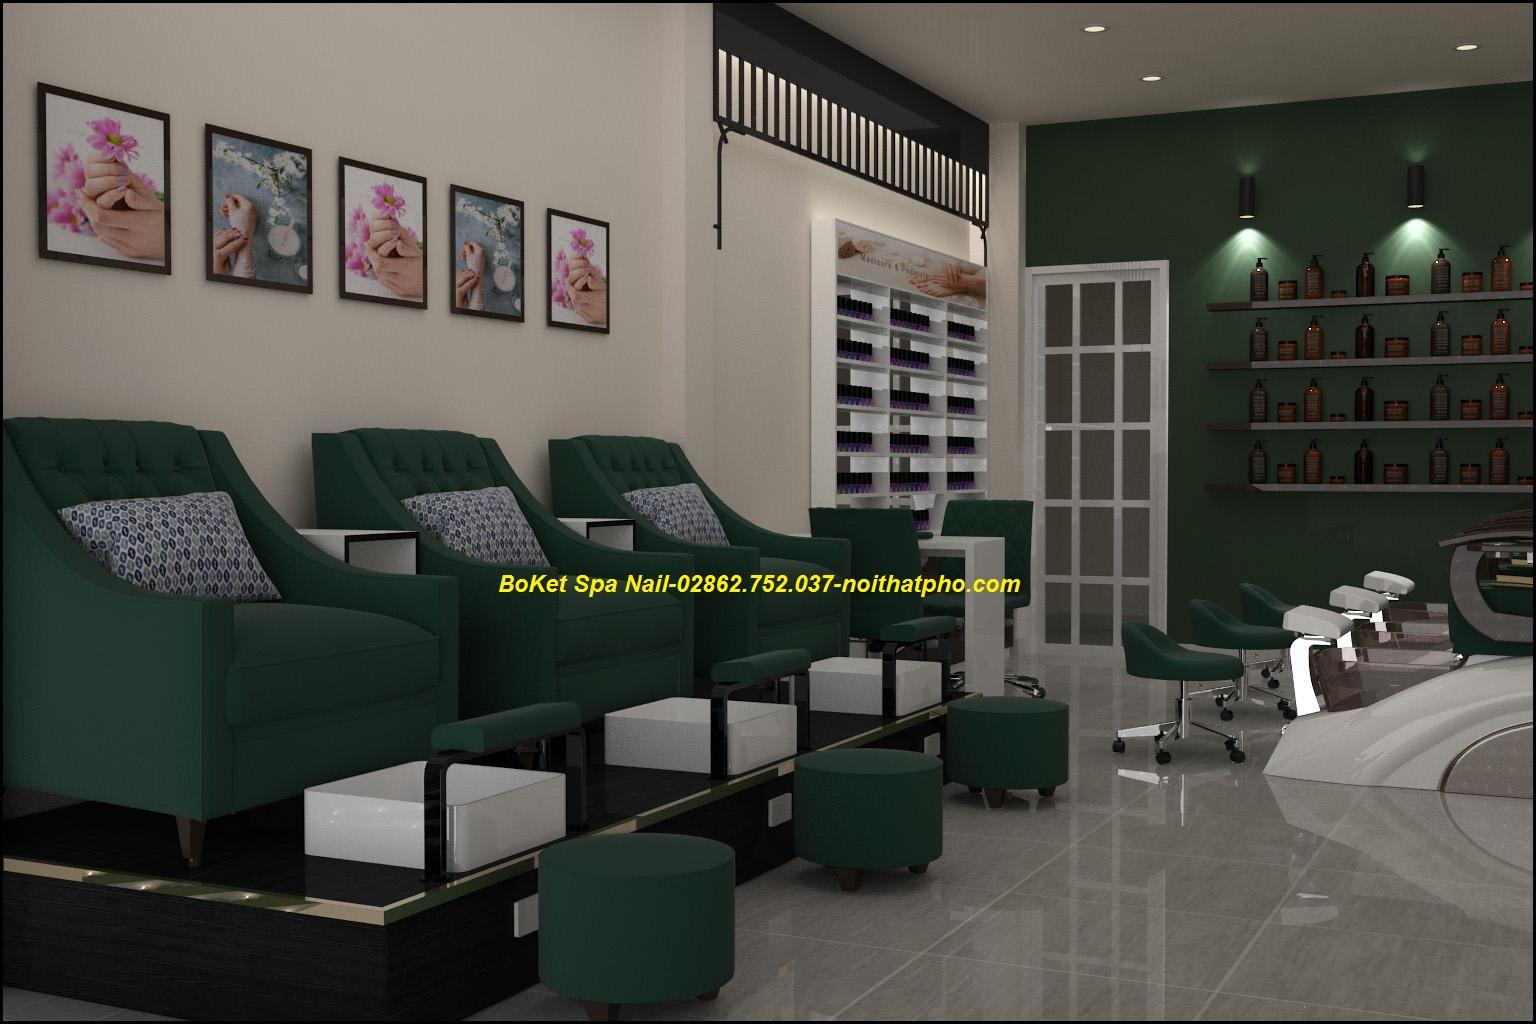 THIẾT KẾ TIỆM  NAILS-SALON  NAIL-STAY HOUSE CHUẨN TỪNG ĐƯỜNG NÉT (2)